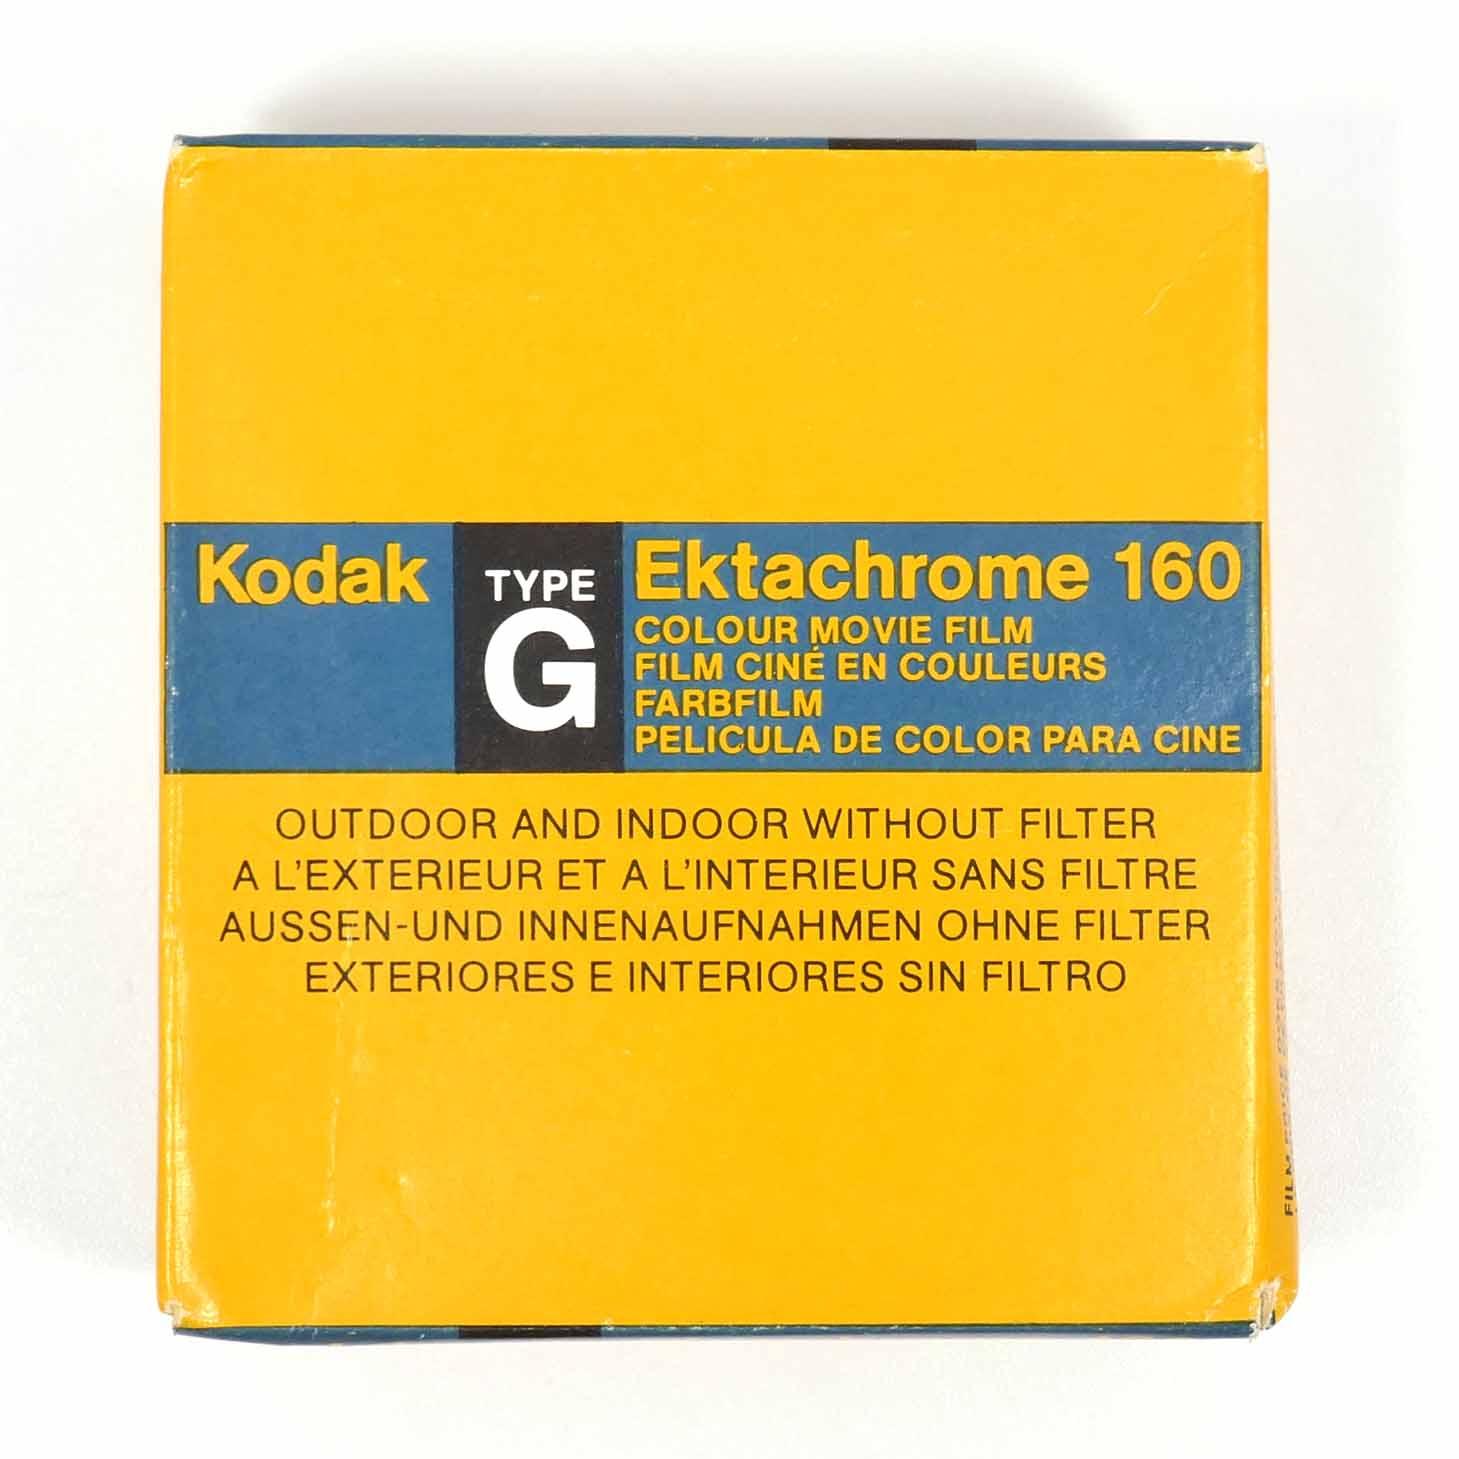 clean-cameras-Kodak-Ektachrome-160-Super-8-03